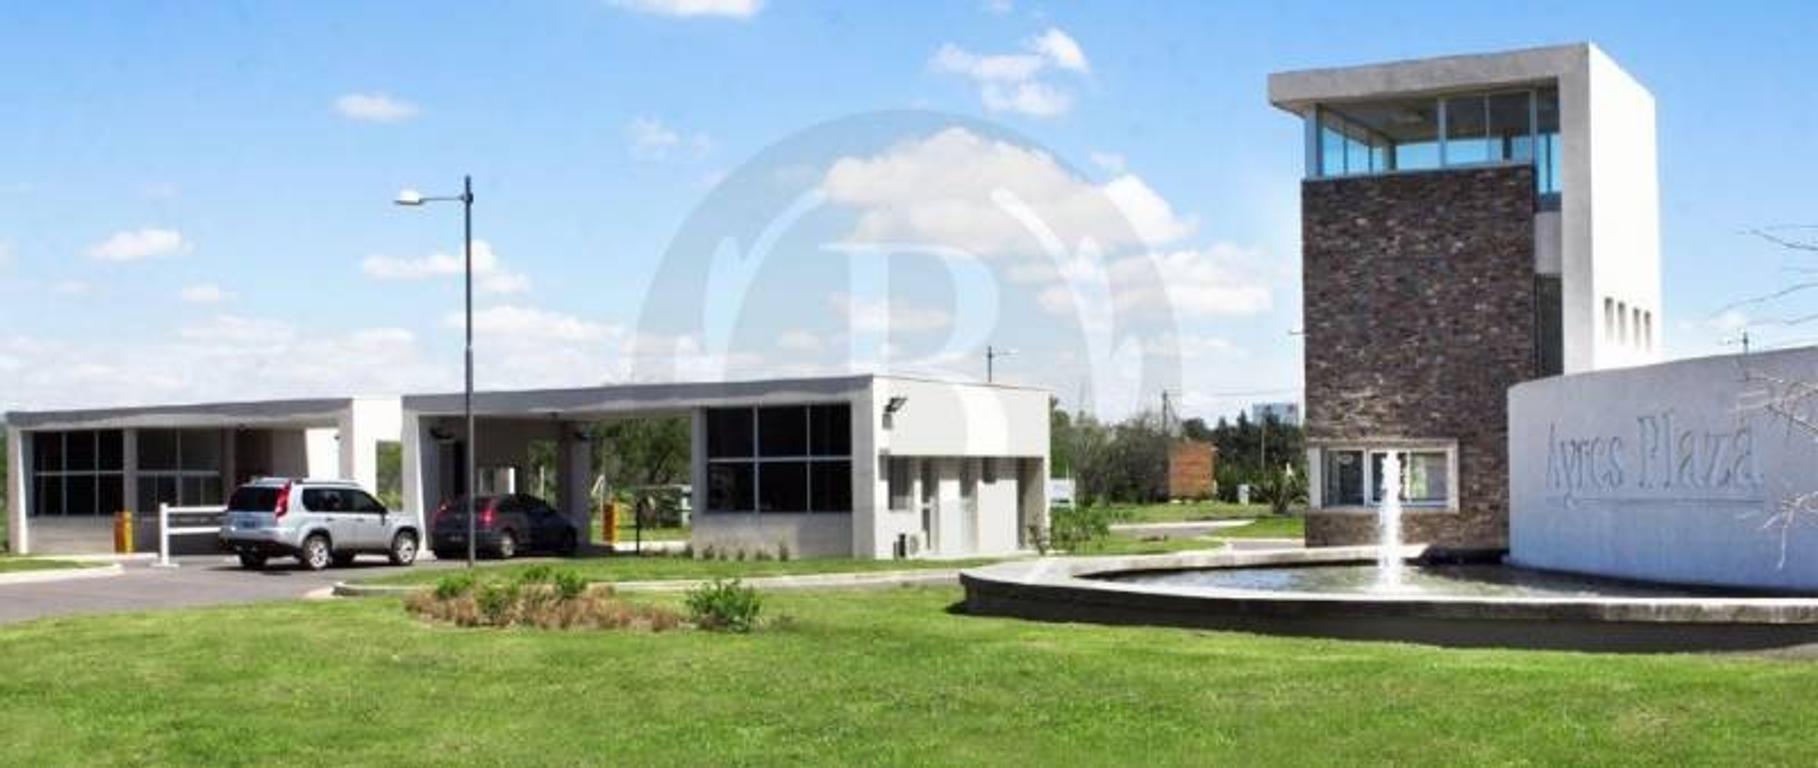 BUSTAMANTE PROP. barrio AYRES PLAZA - 1234 - escriturable apto crédito- Lote - Venta  - Pilar